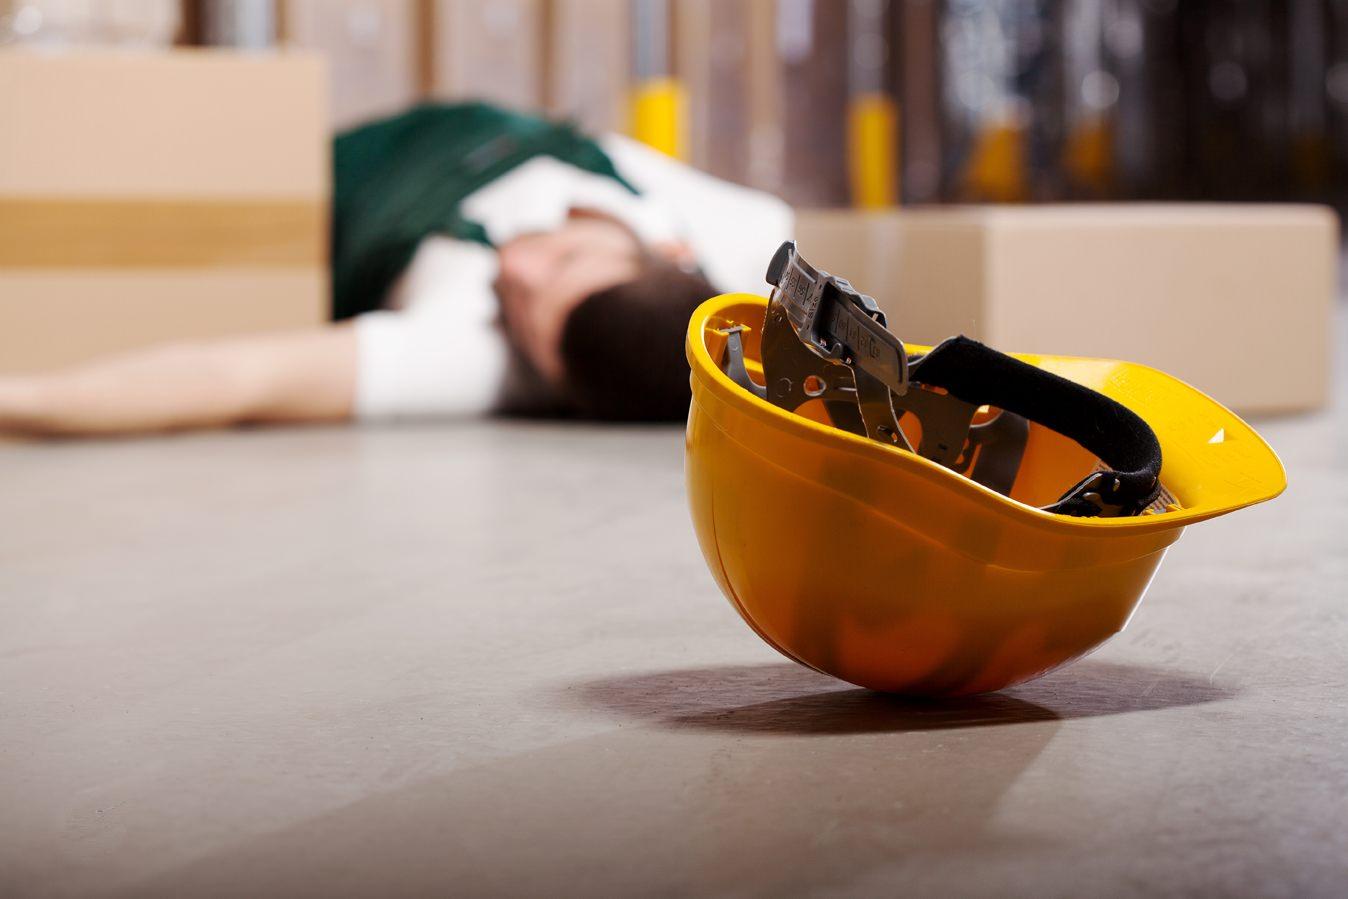 Infortuni sul lavoro e inosservanza delle misure di sicurezza